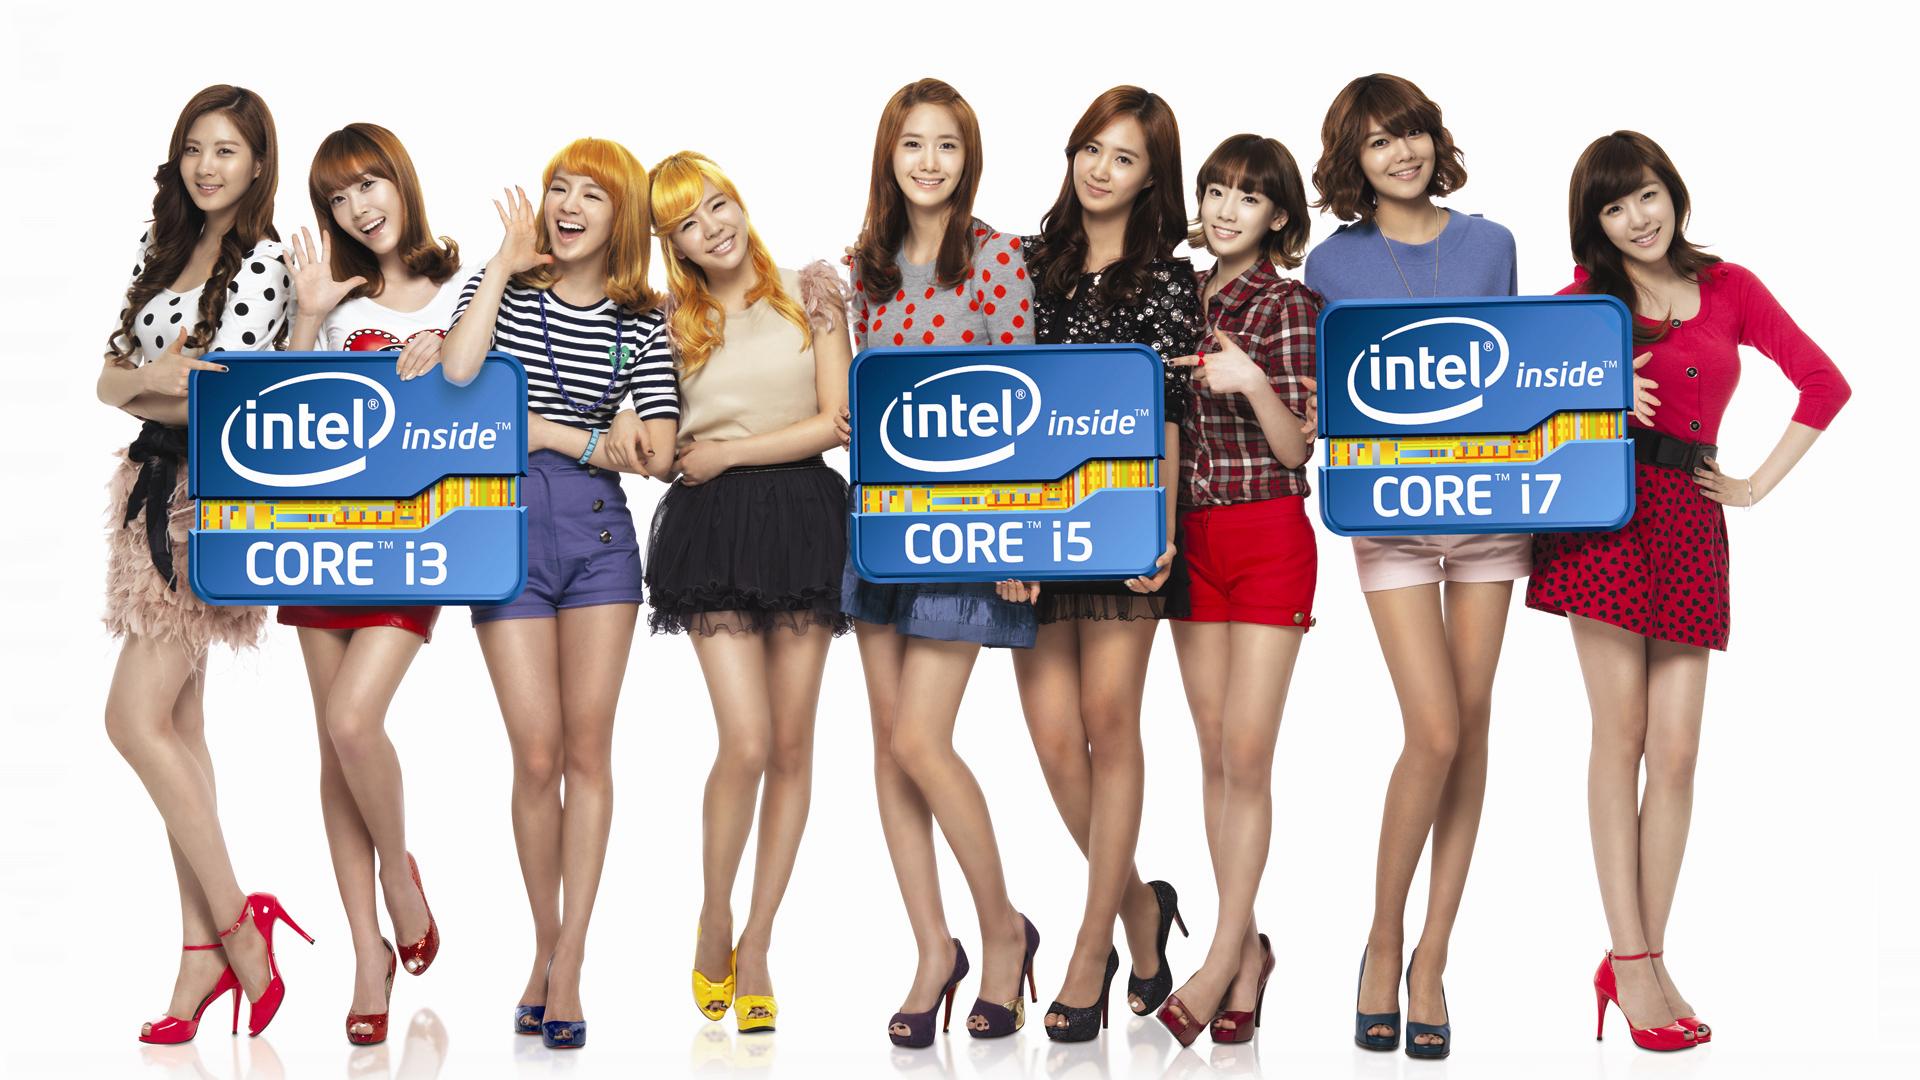 IT, 오버클러킹, 인텔 소녀시대, 인텔, intel, 뮤직비디오, 소녀시대 티저 영상, 18일, 인텔 신제품 발표회, 인텔 신제품, 샌디브릿지, sandy bridge